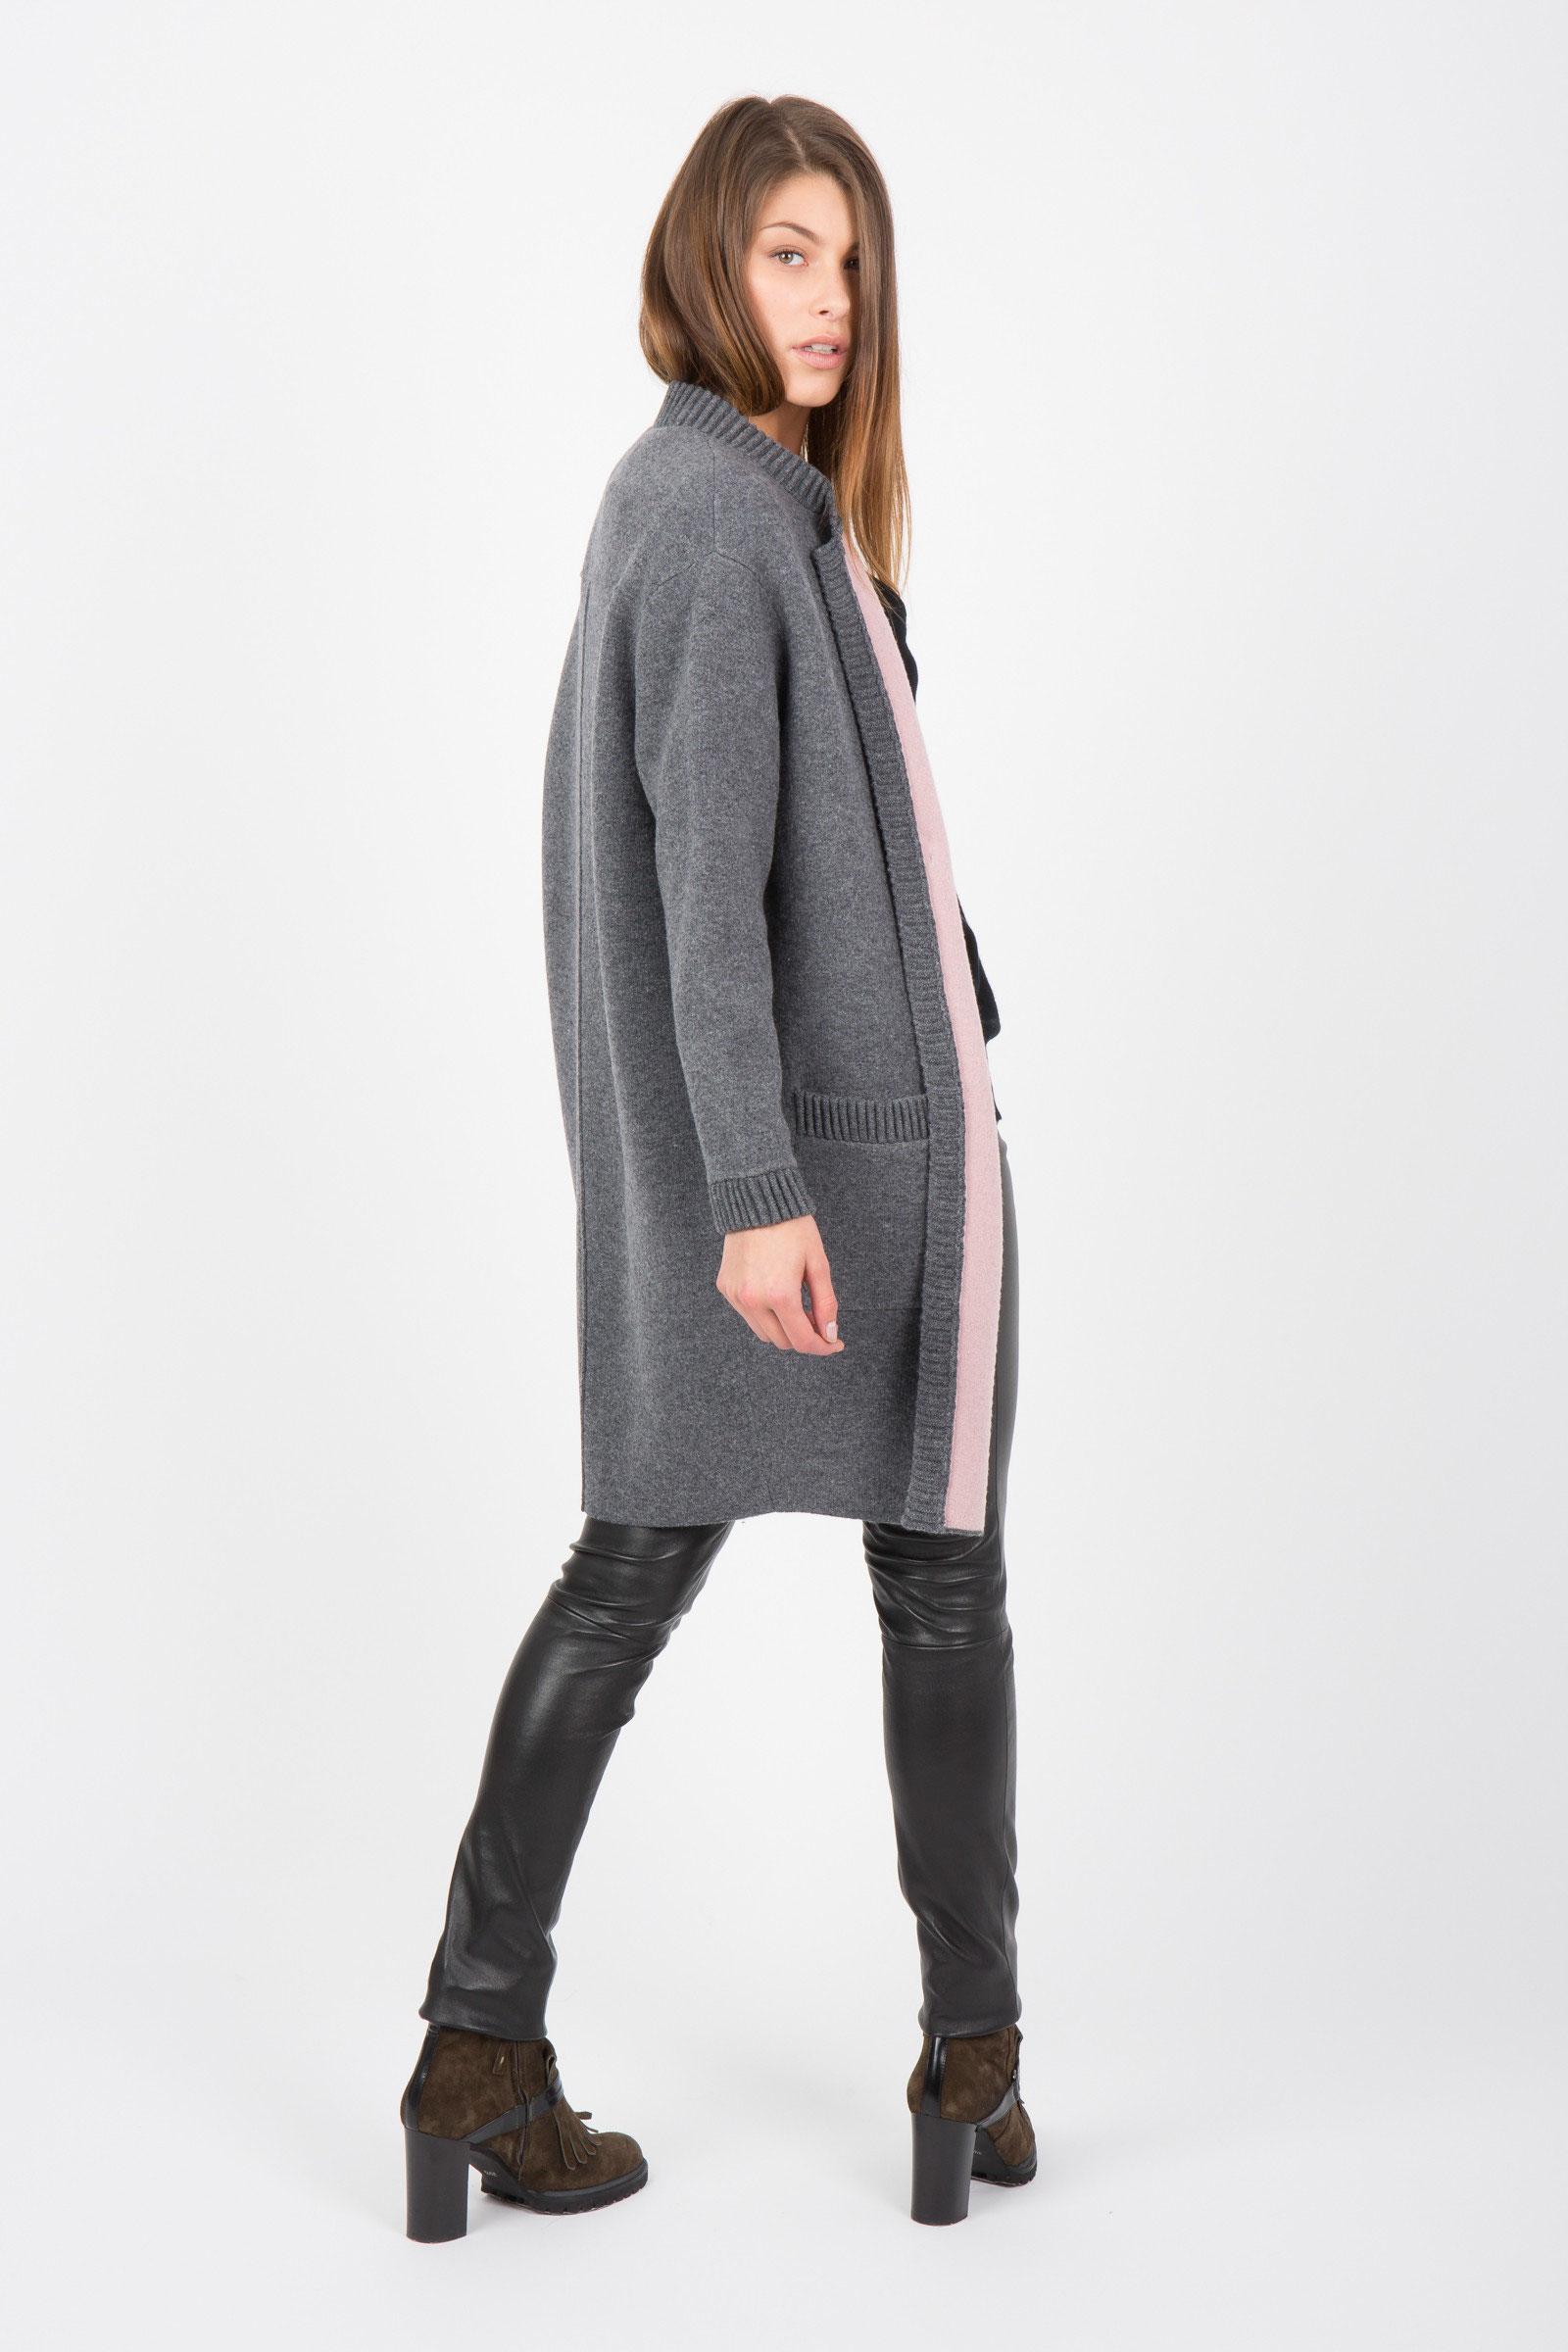 525aa42a17aab un manteau au poil - Les instantanés de Valérie Benaïm